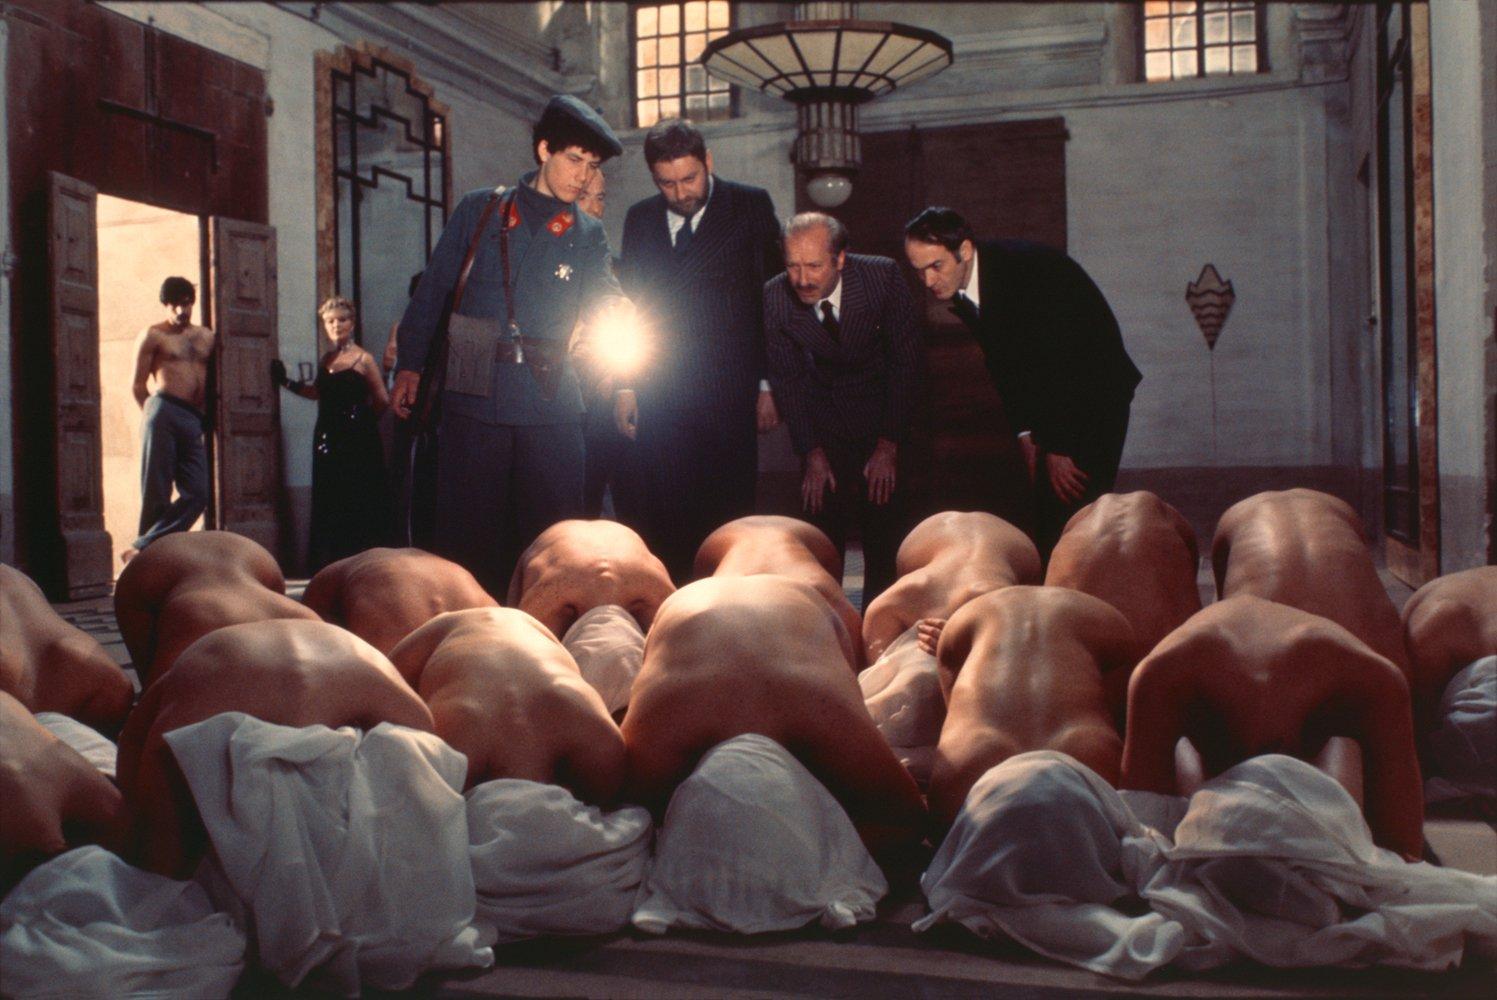 CuadroXCuadro: 'Los 120 días de Sodoma' de Pasolini y la hipocresía de la sociedad